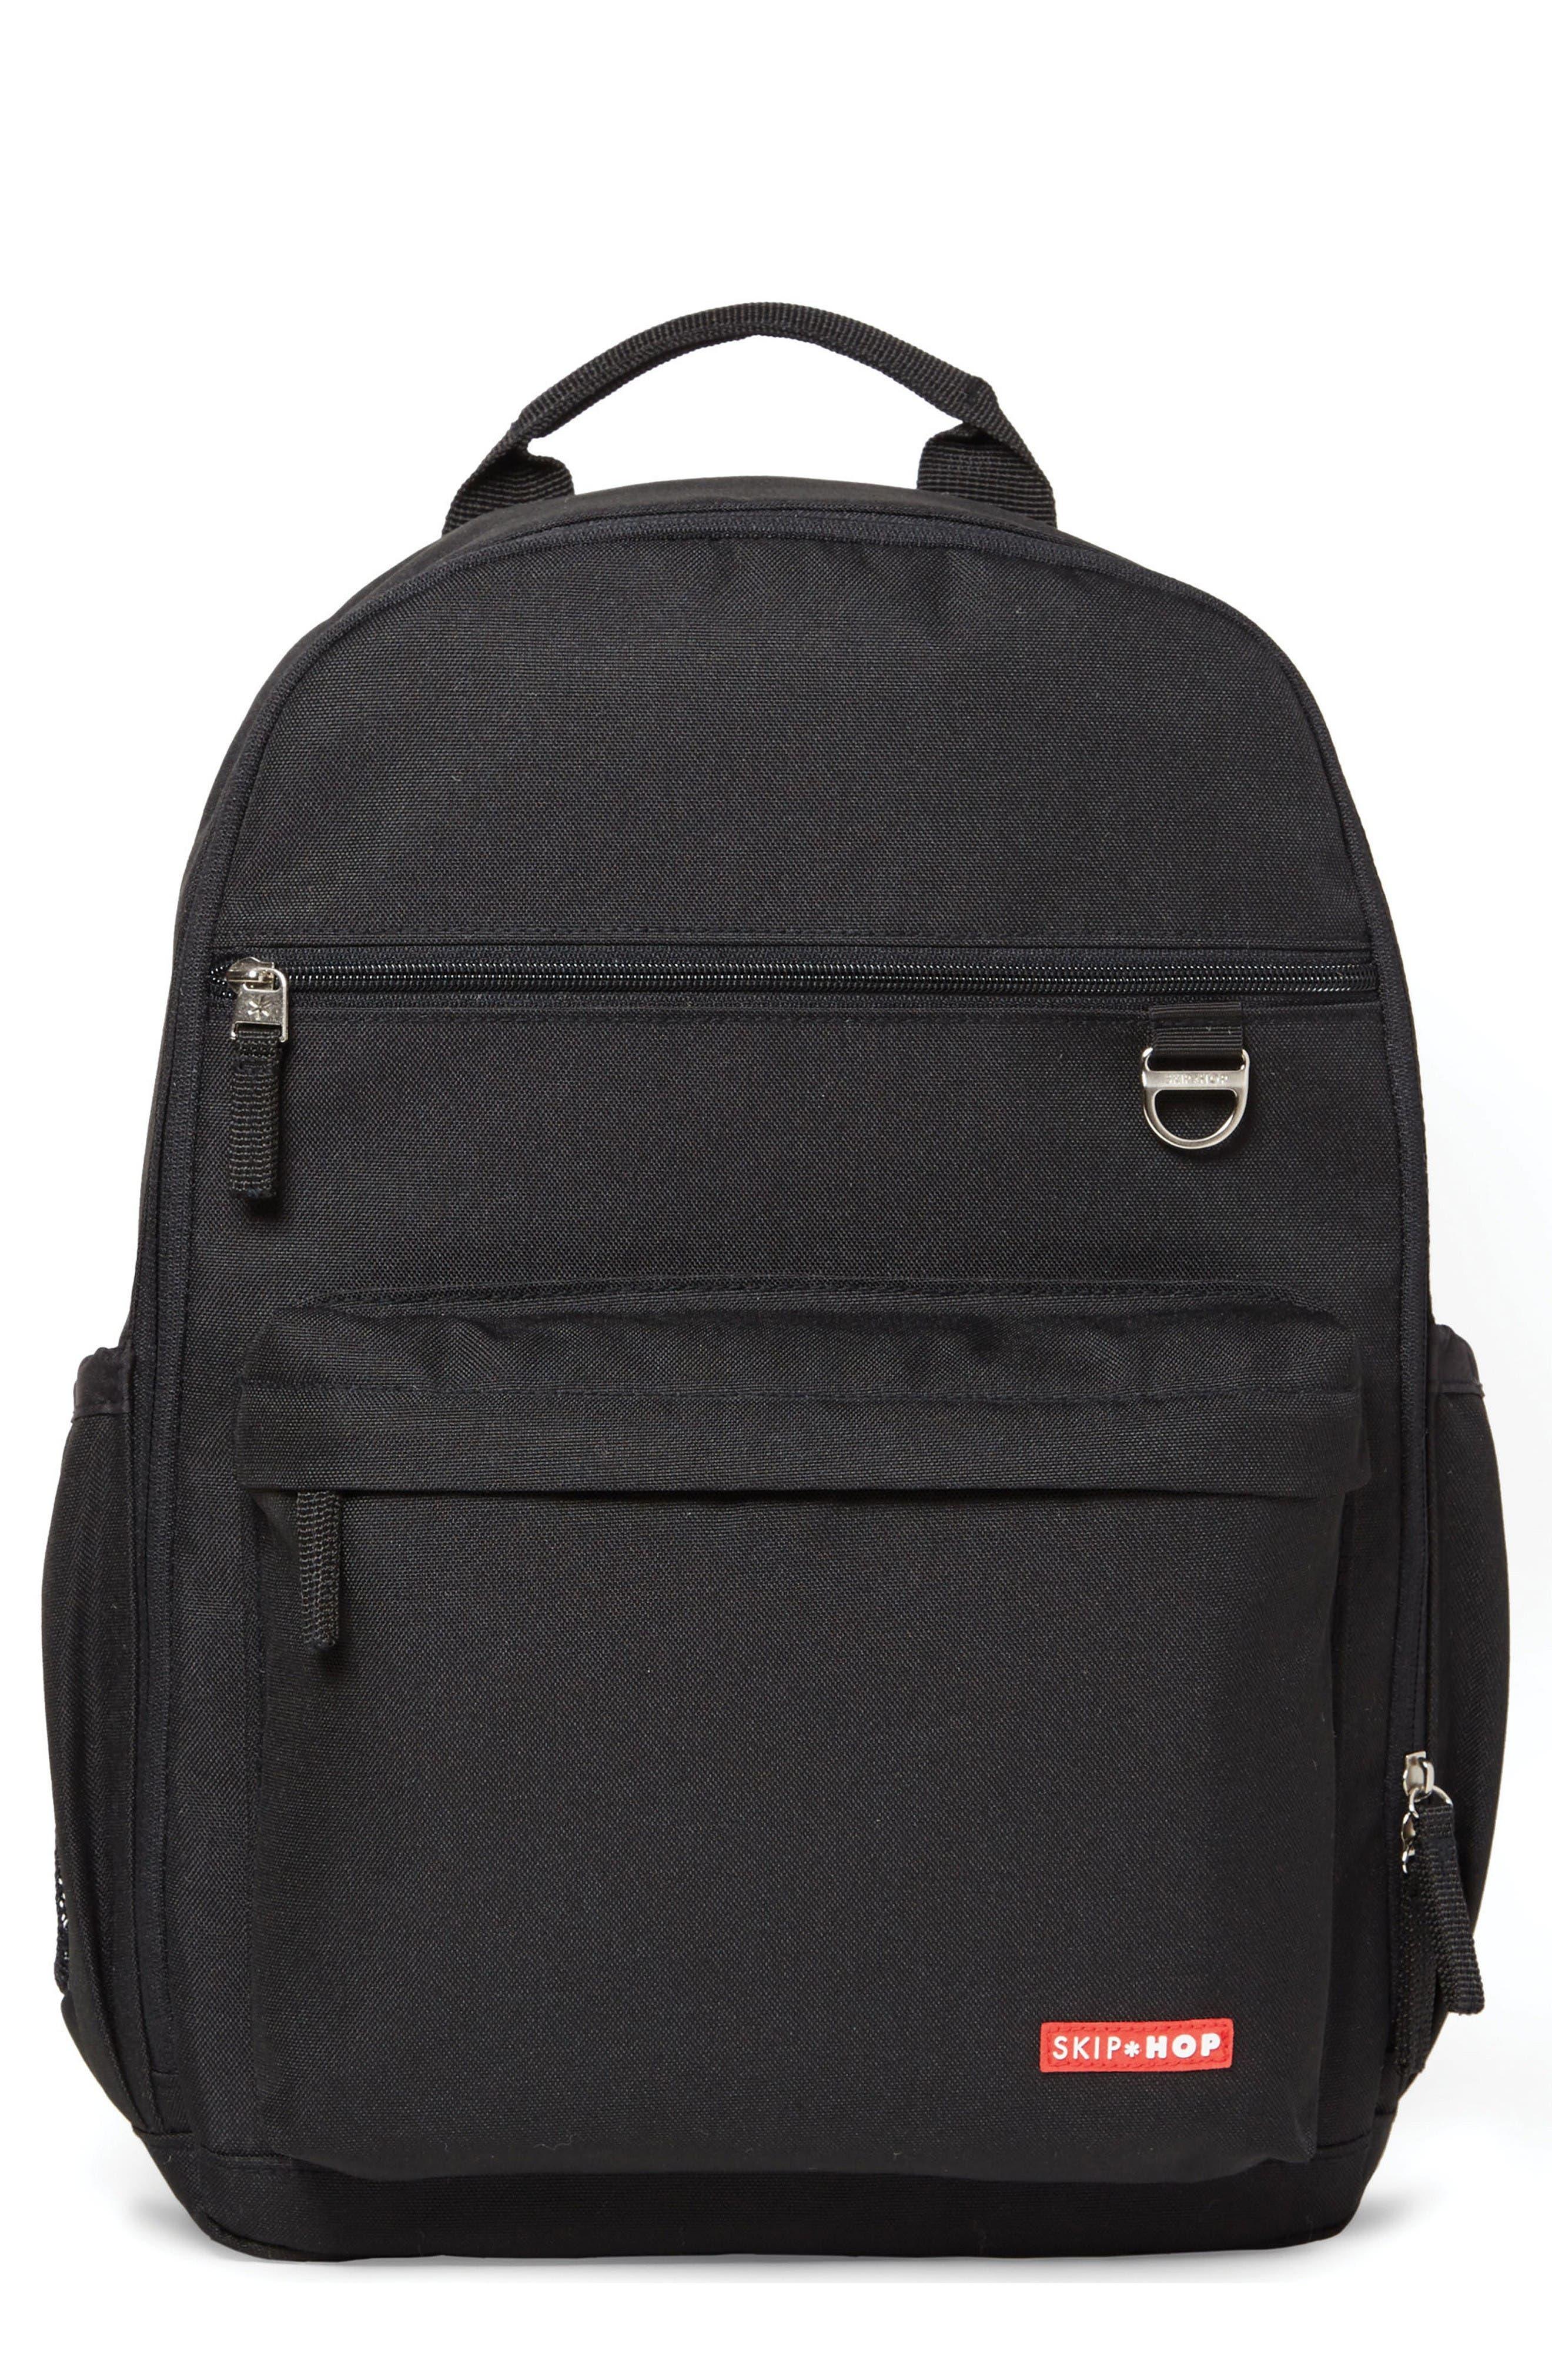 SKIP HOP 'Duo Signature' Diaper Backpack